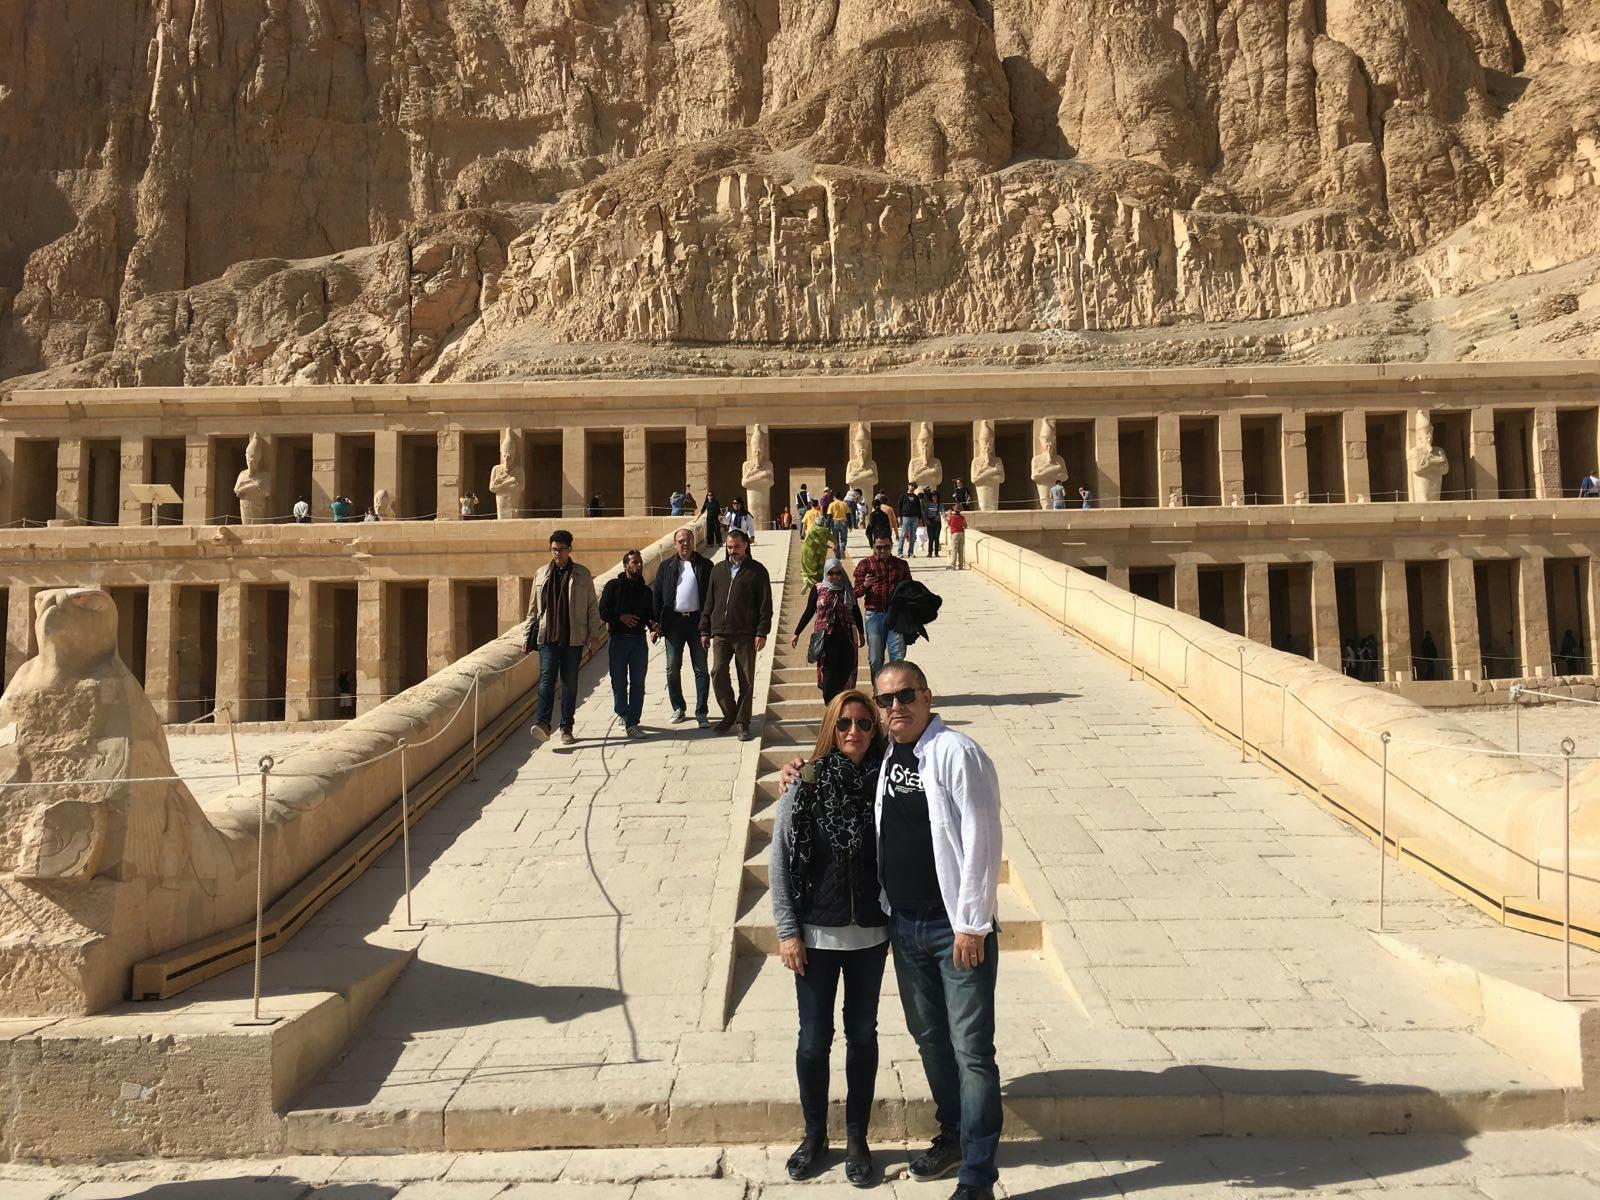 Tina y Nando en el Templo de la Reina Hatshepsut en Deir el bahari, Egipto.